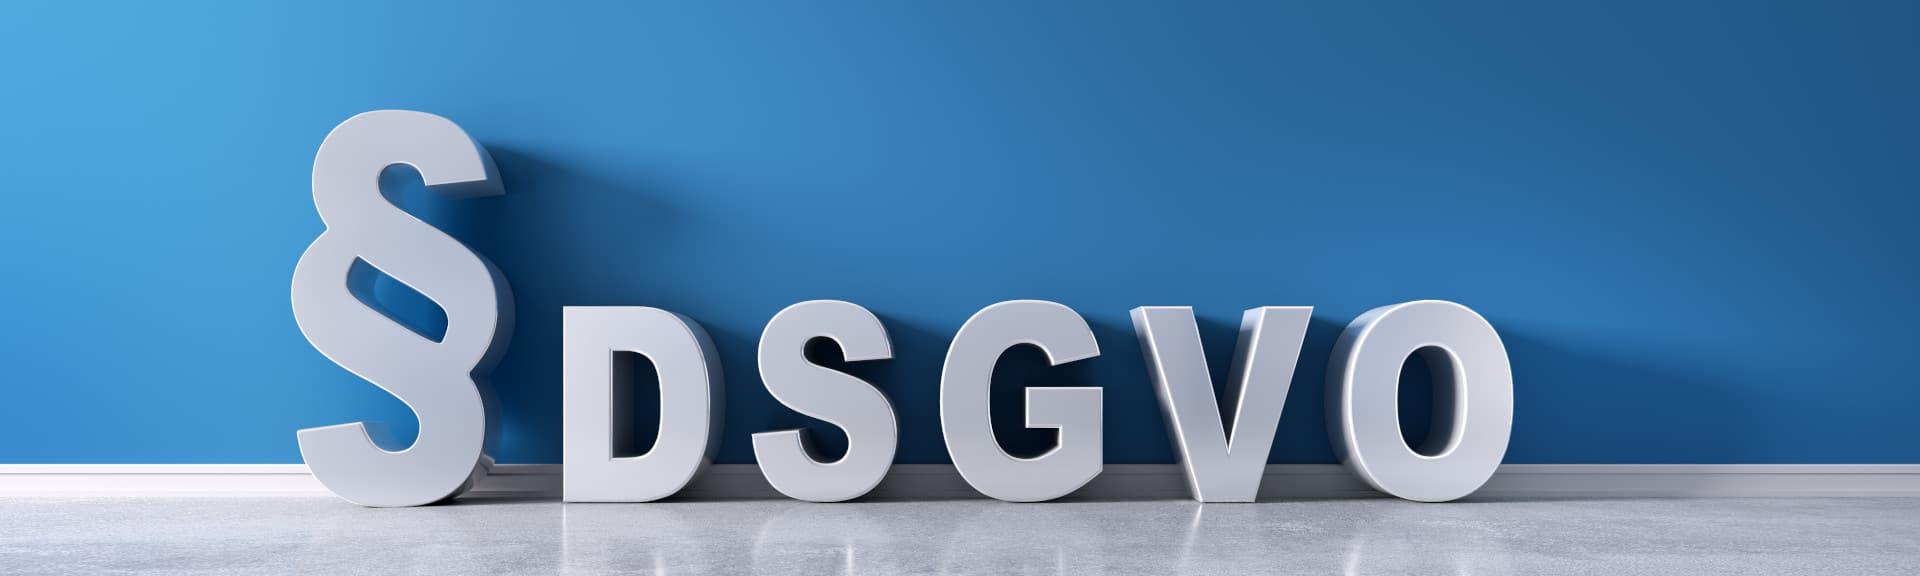 DSGVO-Datenschutz